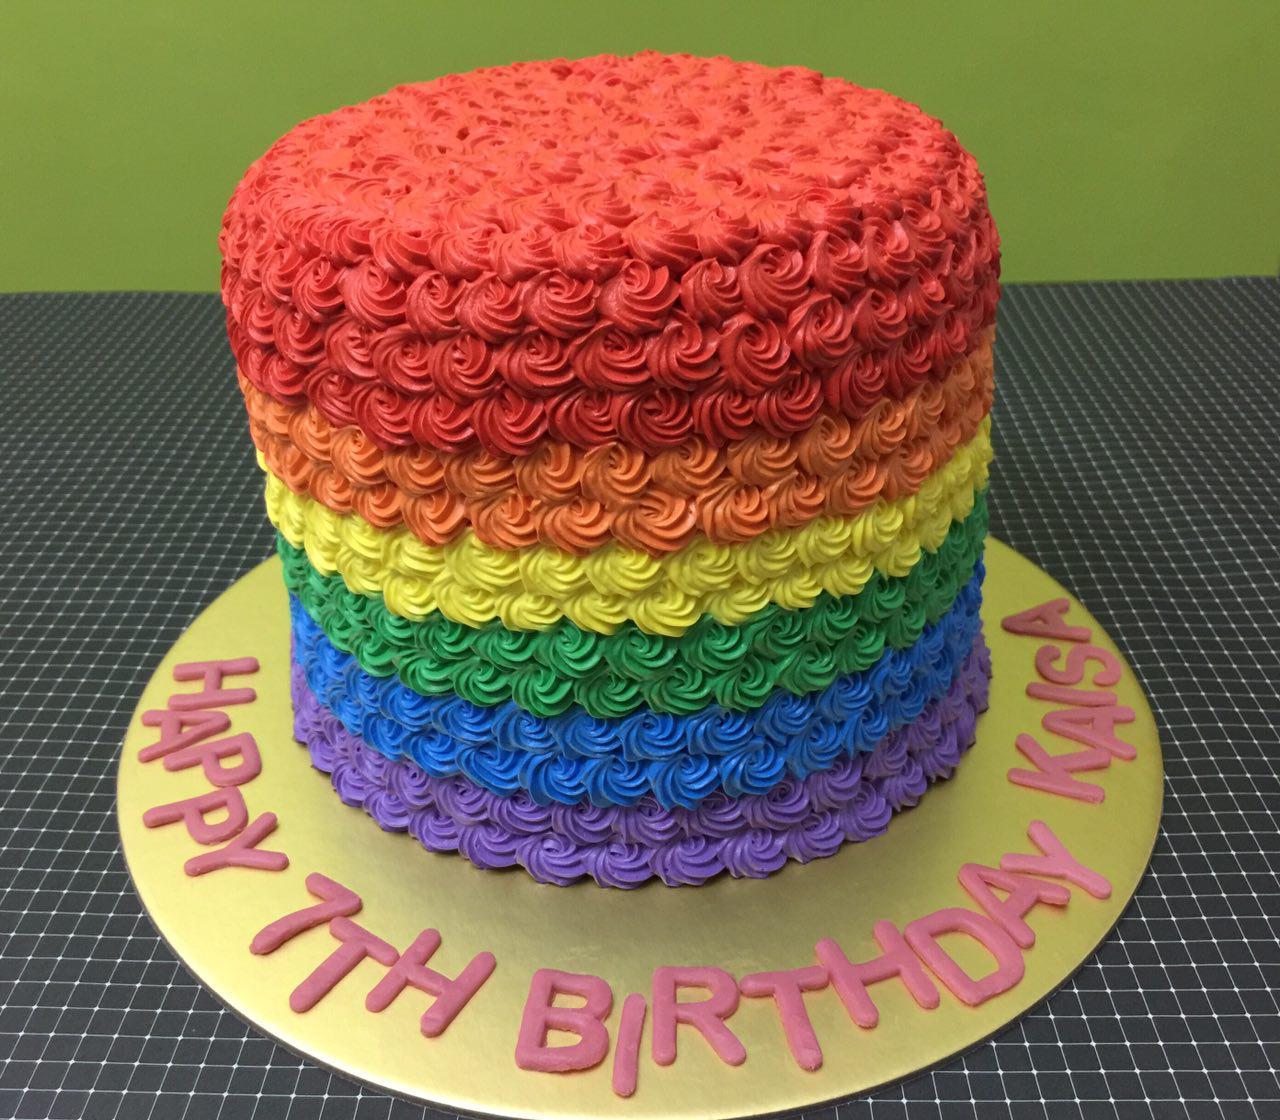 Rainnbow Rosette Cake